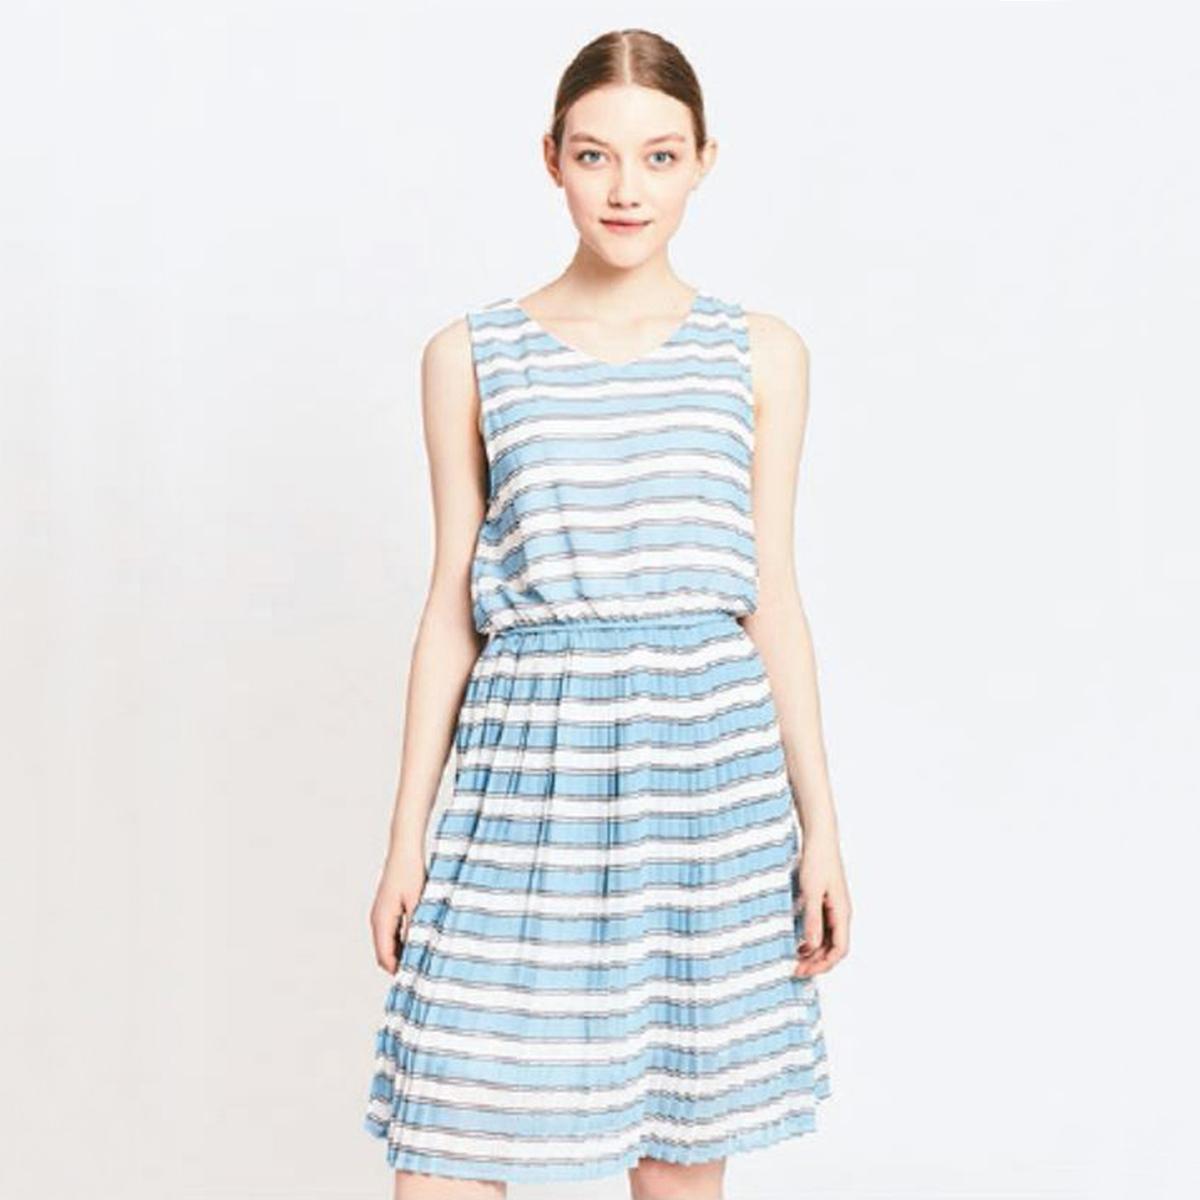 Платье короткое без рукавовДетали •  Форма : расклешенная •  короткое  •  Без рукавов     •   V-образный вырез •  Рисунок в полоскуСостав и уход •  100% полиэстер  •  Следуйте советам по уходу, указанным на этикетке<br><br>Цвет: в полоску синий/белый<br>Размер: M